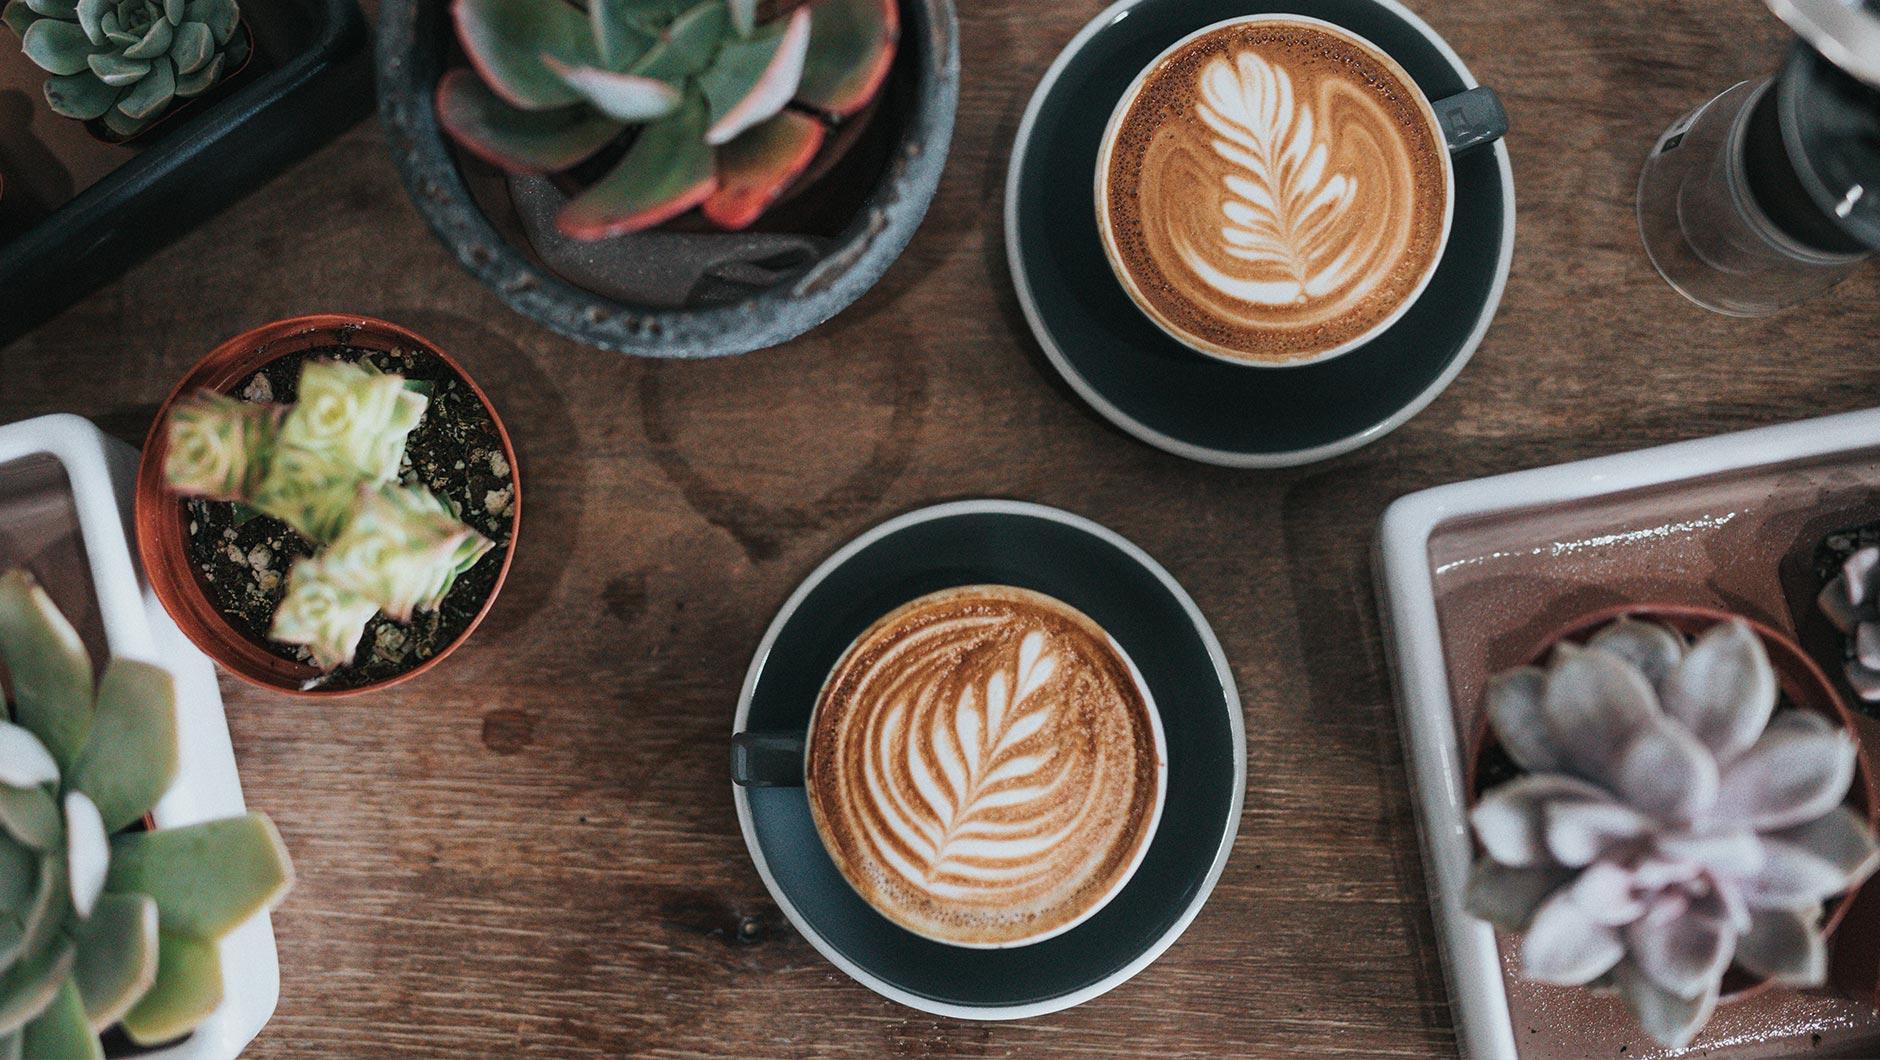 Holz-Tisch mit Cappuccino-Tassen